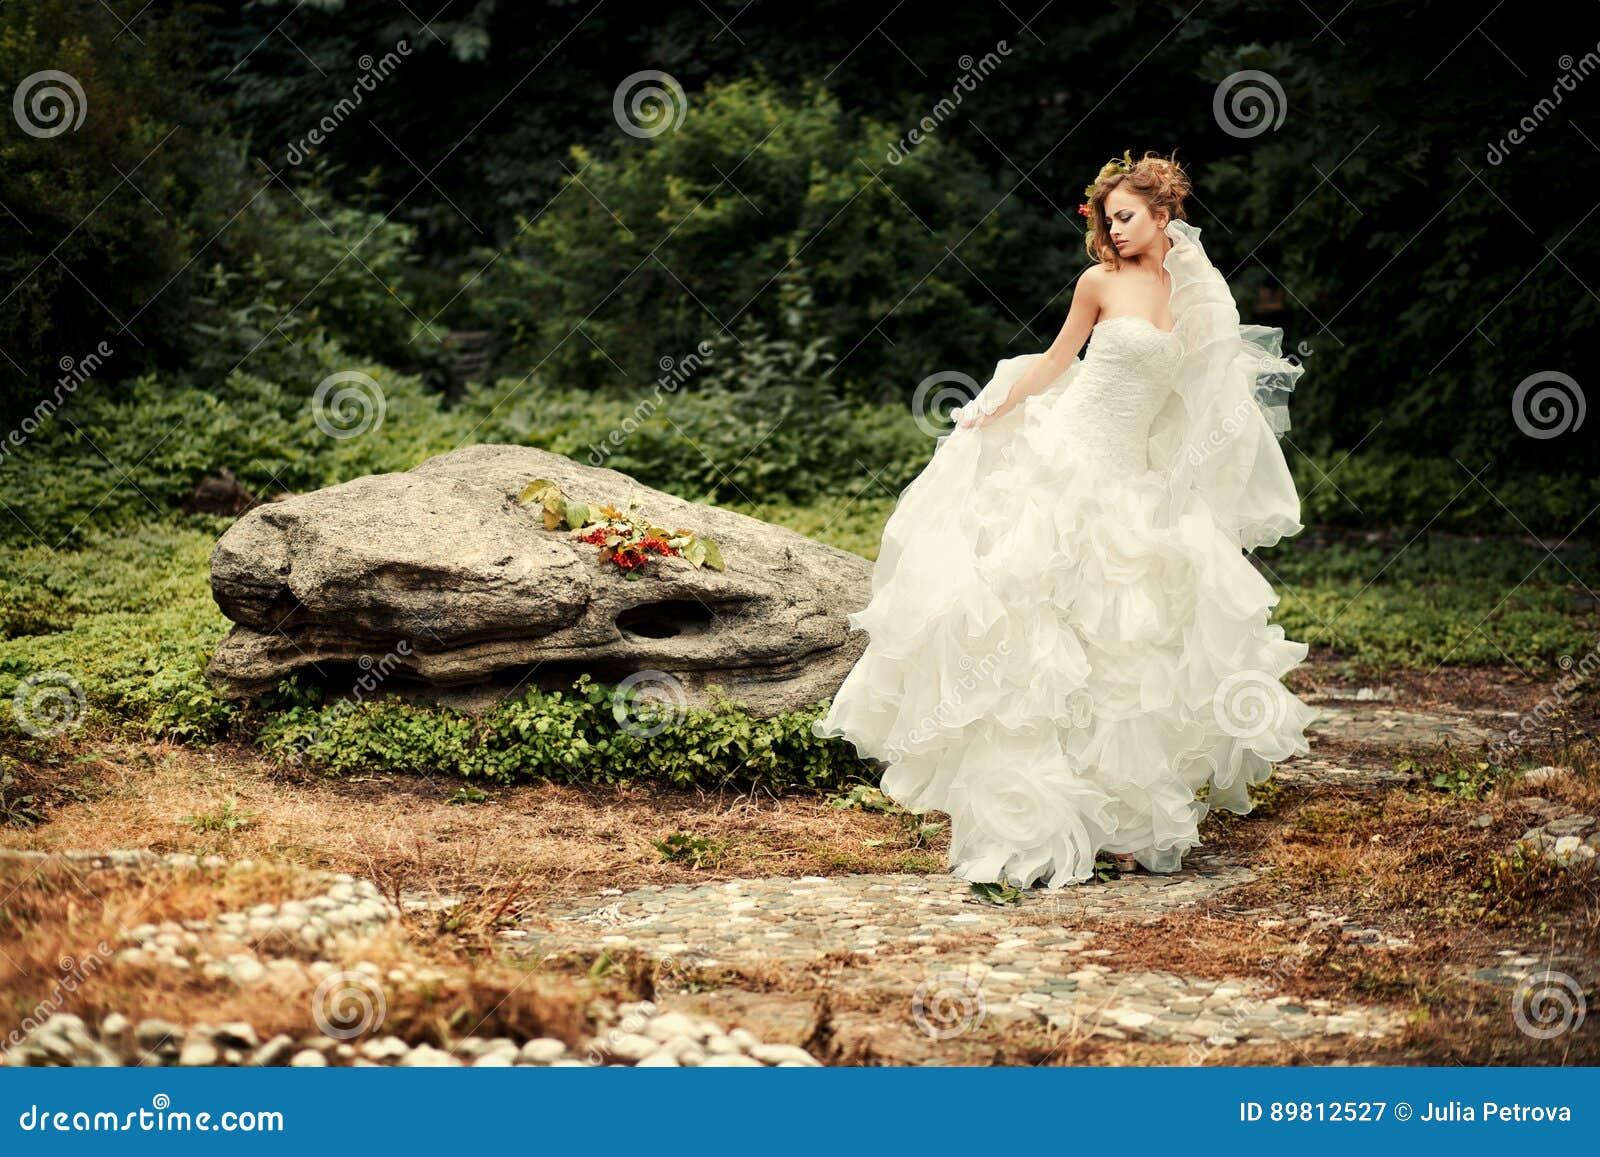 La jeune mariée magnifique dans une robe blanche luxuriante danse